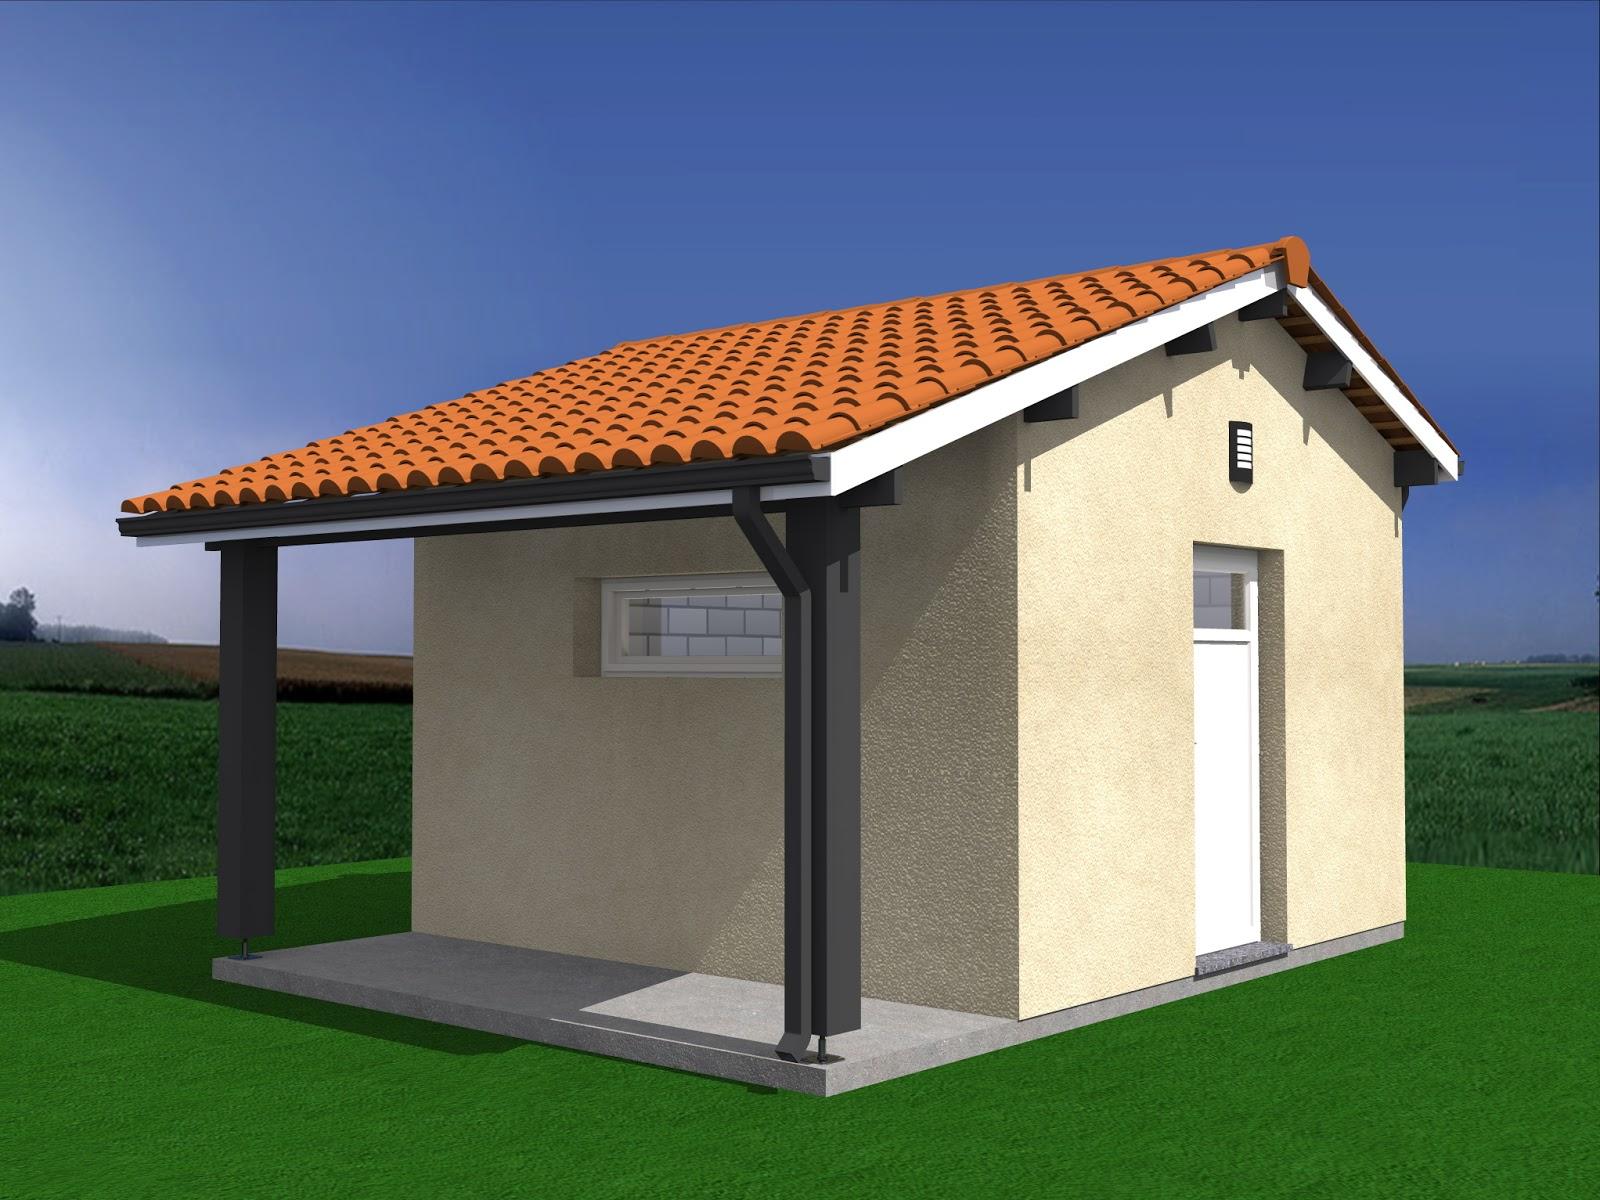 Plan Pour Construire Un Auvent En Bois construire abri jardin projet de construction abri de jardin